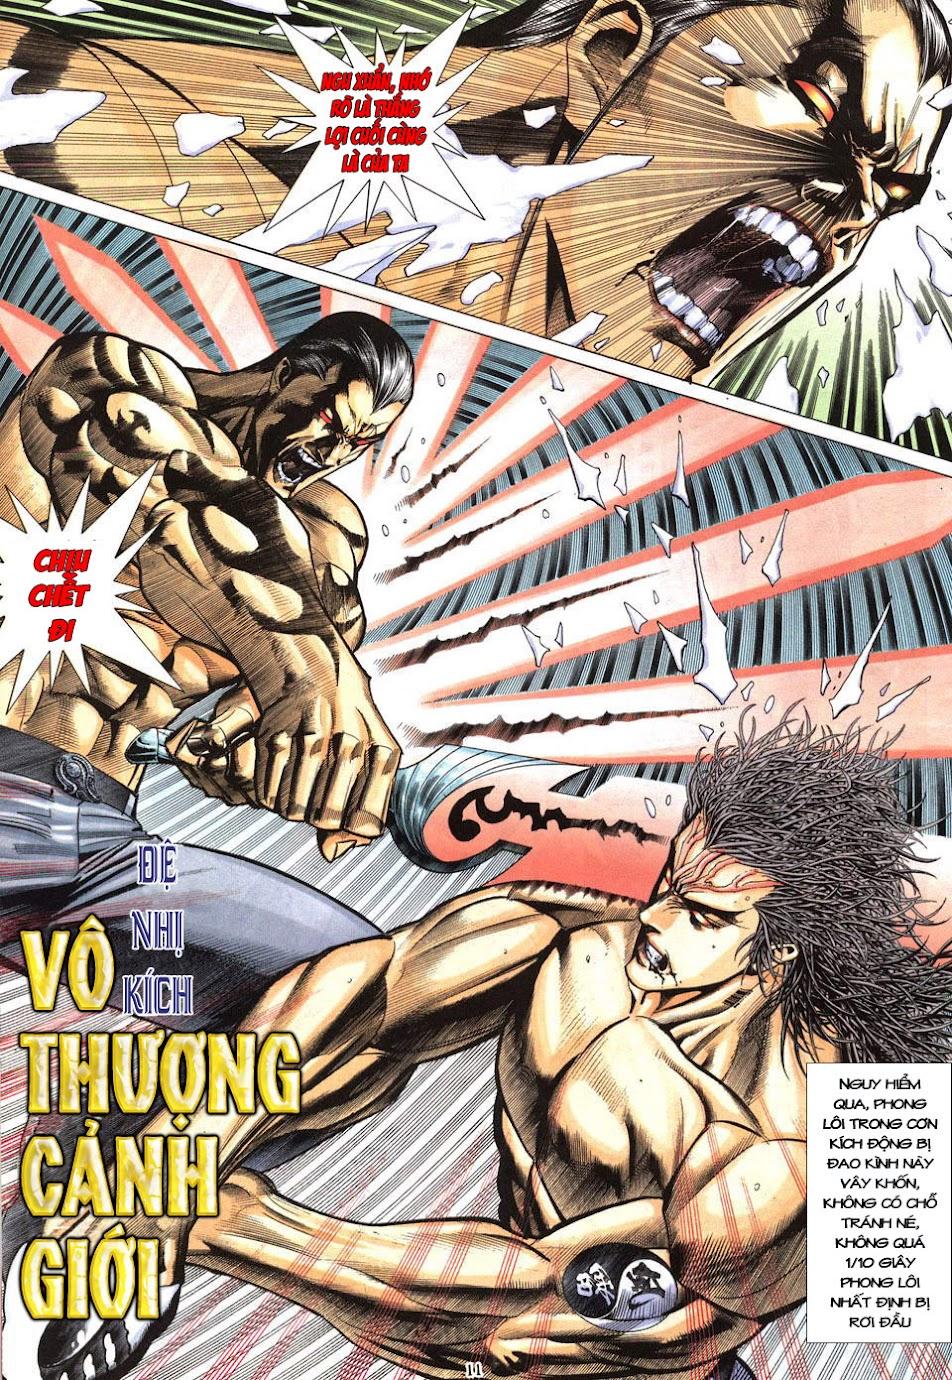 Phong Lôi chap 40 - Trang 12